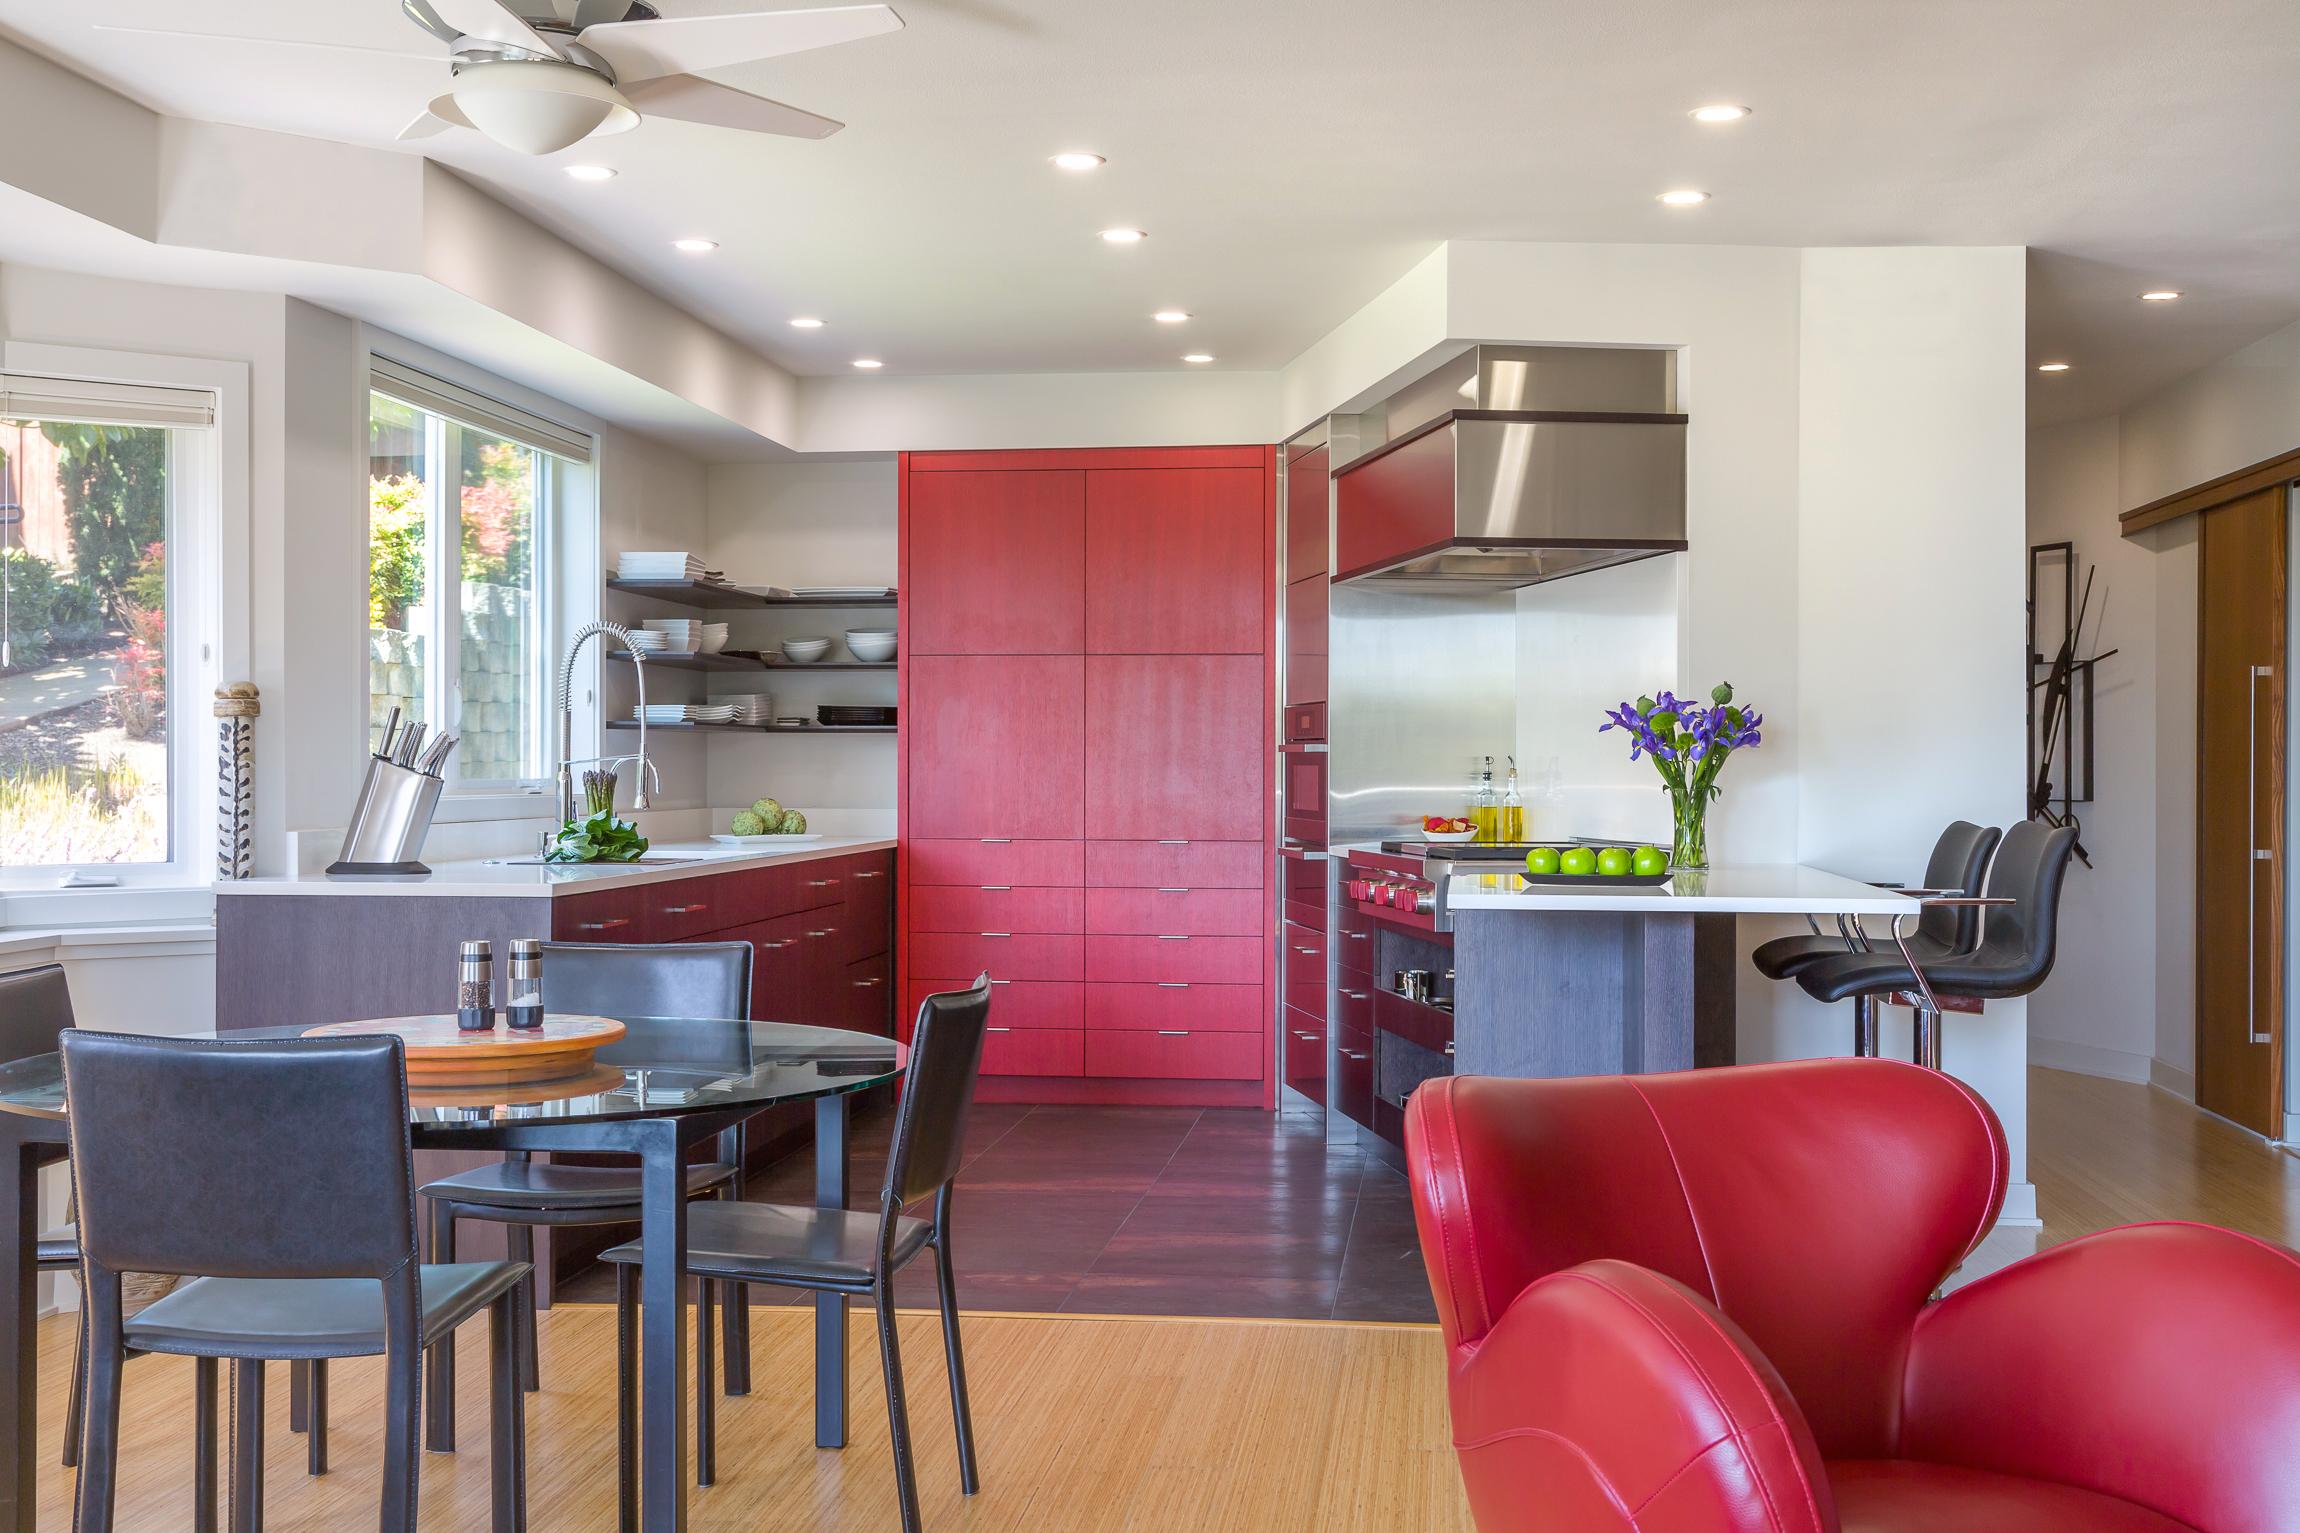 BRISTOL Kirkland Condo Kitchen 1.jpg